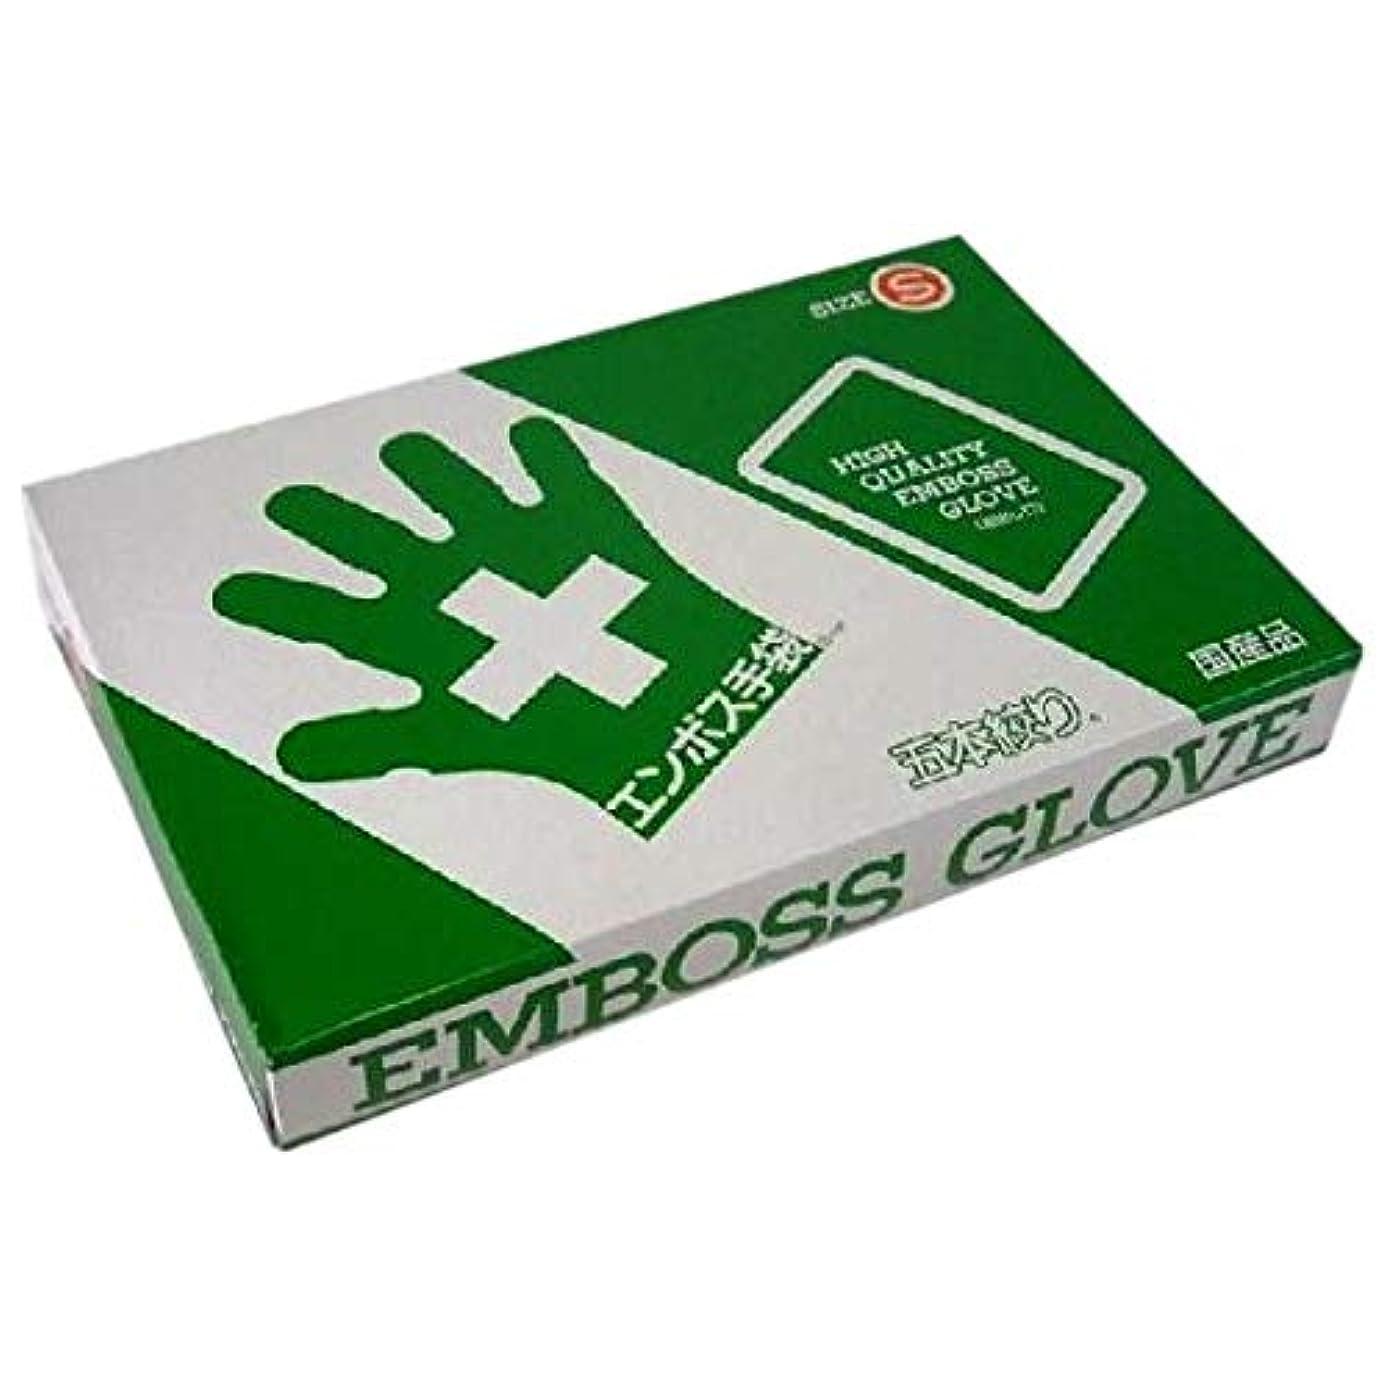 優しいプラットフォーム舗装エンボス手袋 5本絞り(使い捨て手袋国産品) 東京パック S 200枚入